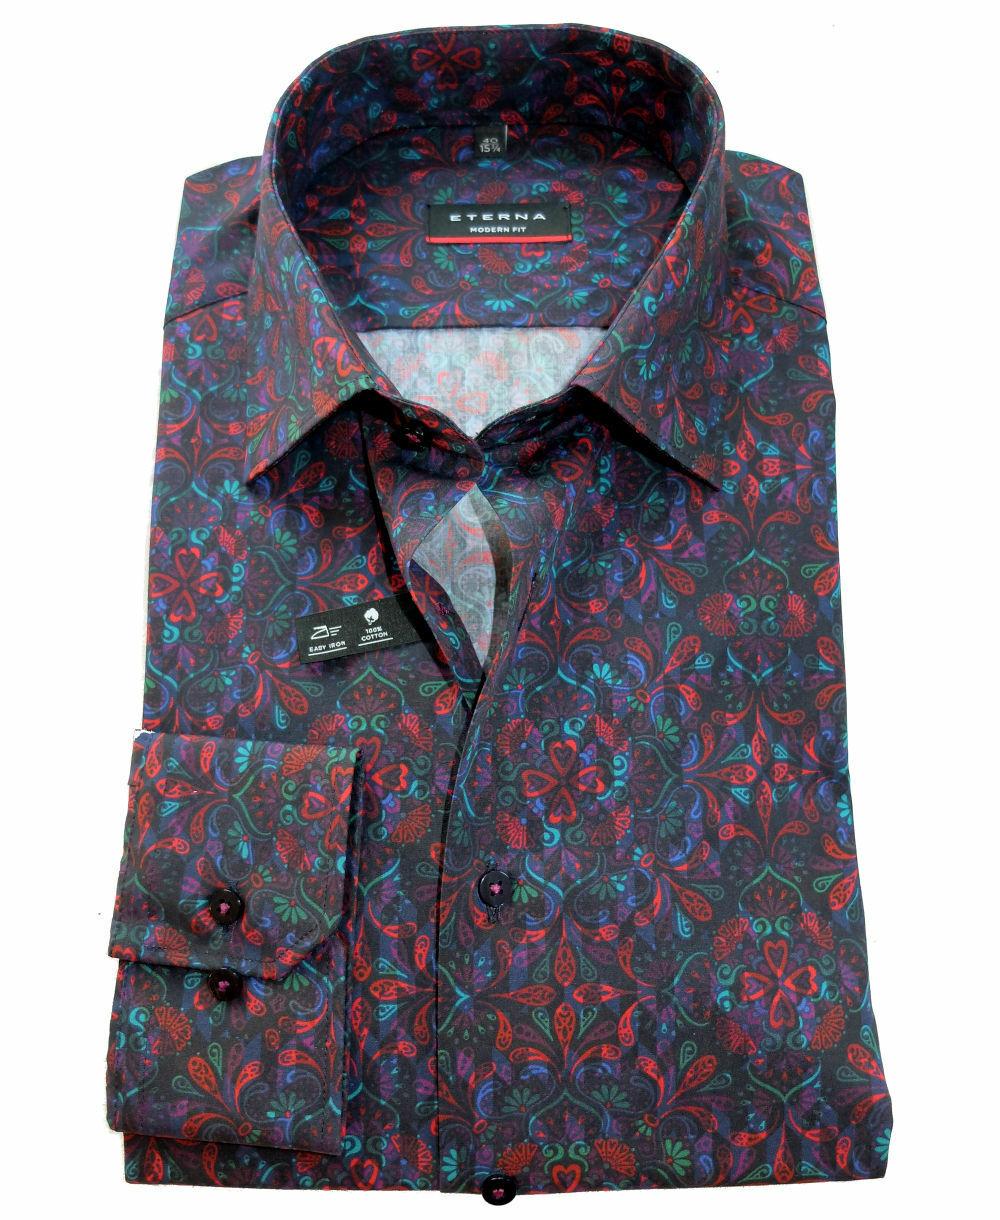 Langarmhemd eterna Modern Fit dunkelblau mit multiFarbe Druck Business Freizeit